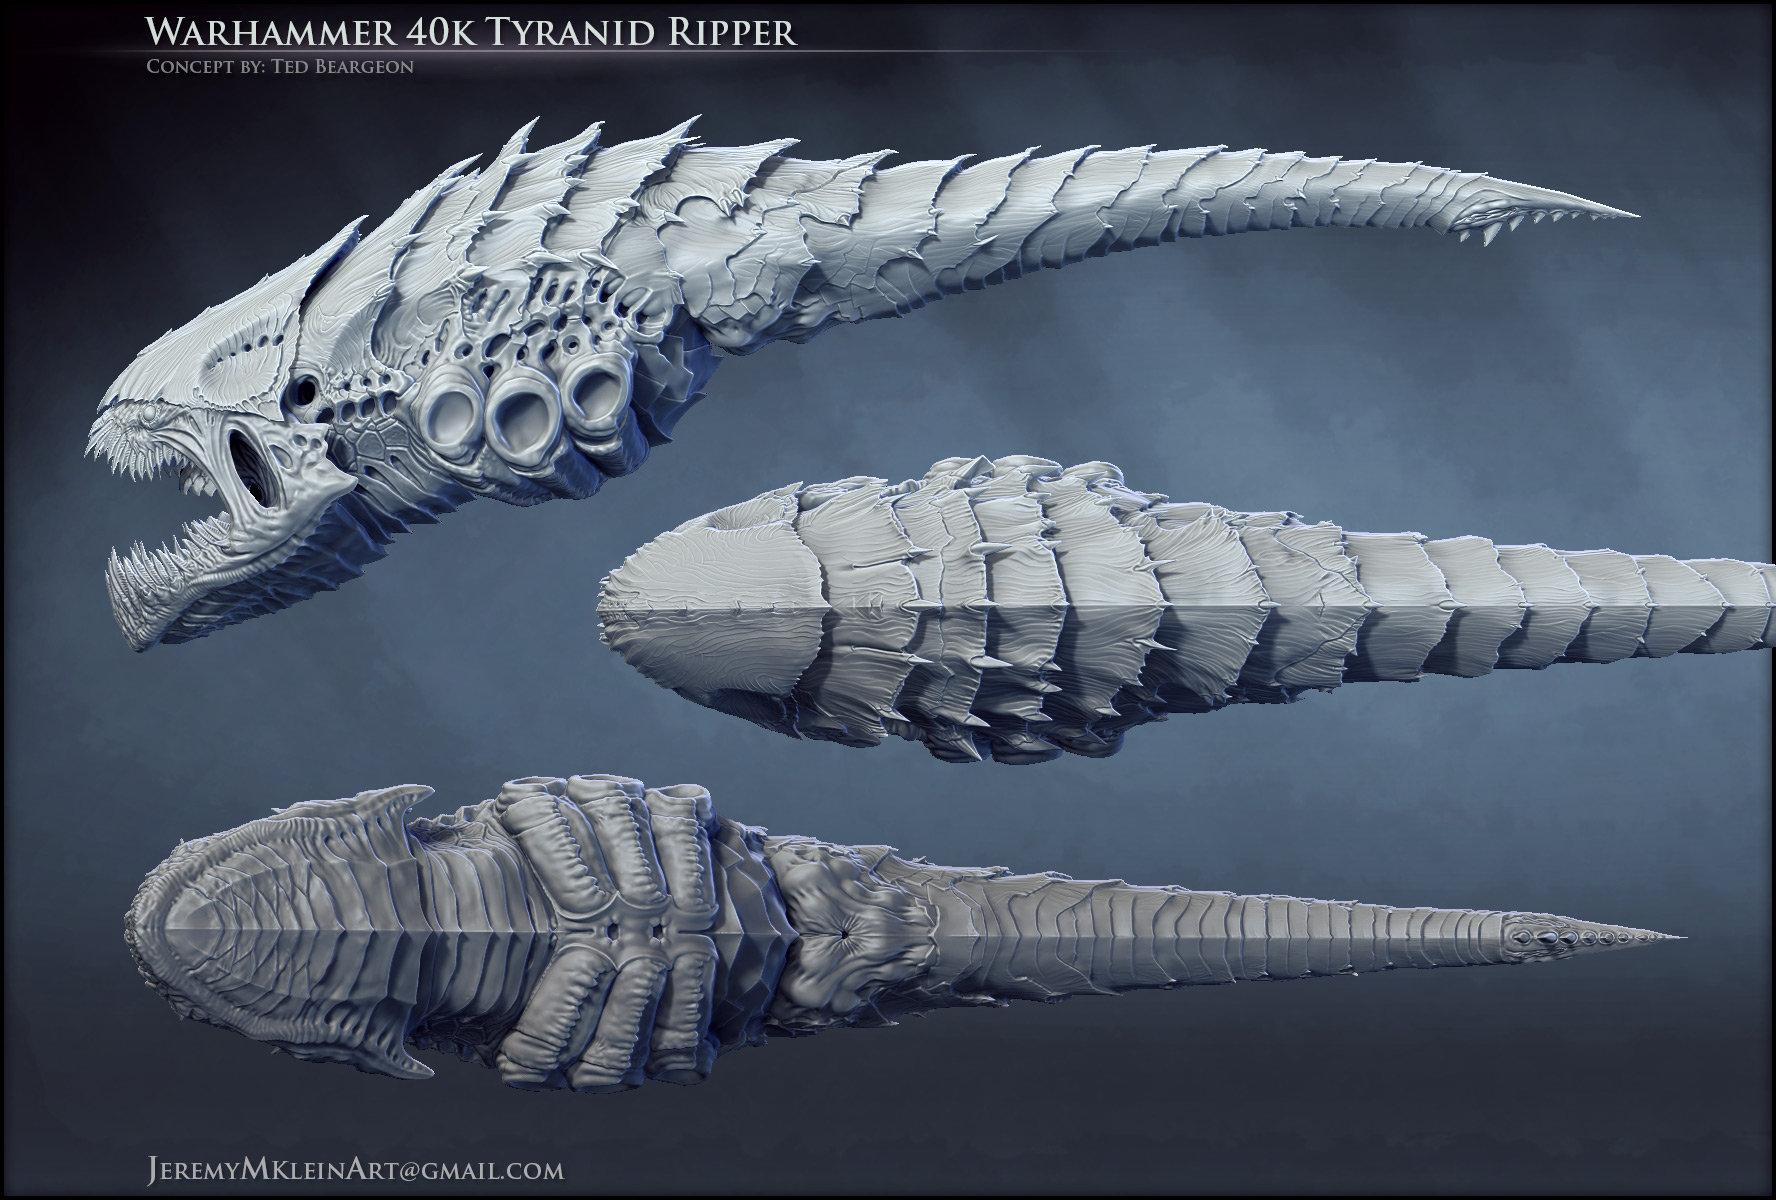 ArtStation - Warhammer 40k Tyranid Ripper, Jeremy Klein